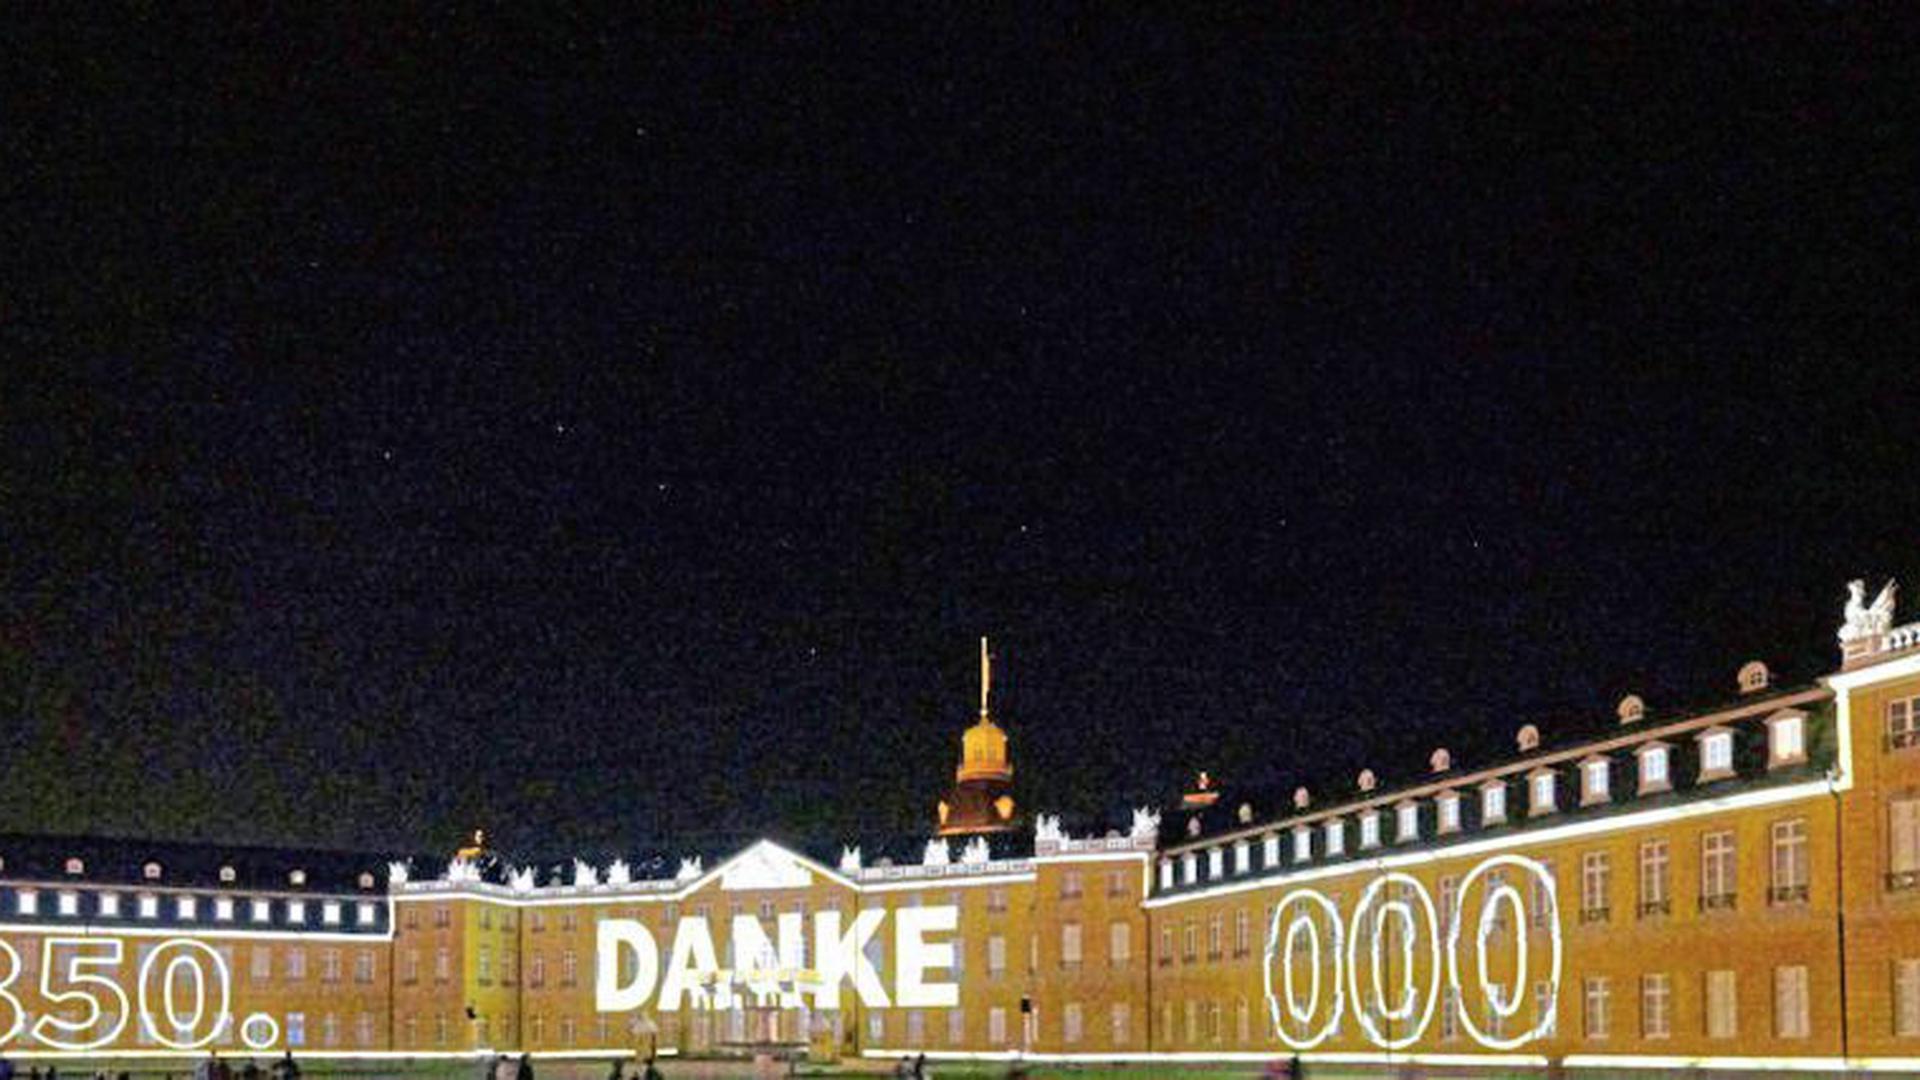 Großer Andrang bei den Karlsruher Schlosslichtspielen: Mehr als 350.000 Besucher wollten die nächtlichen Illuminationen in diesem Jahr sehen.